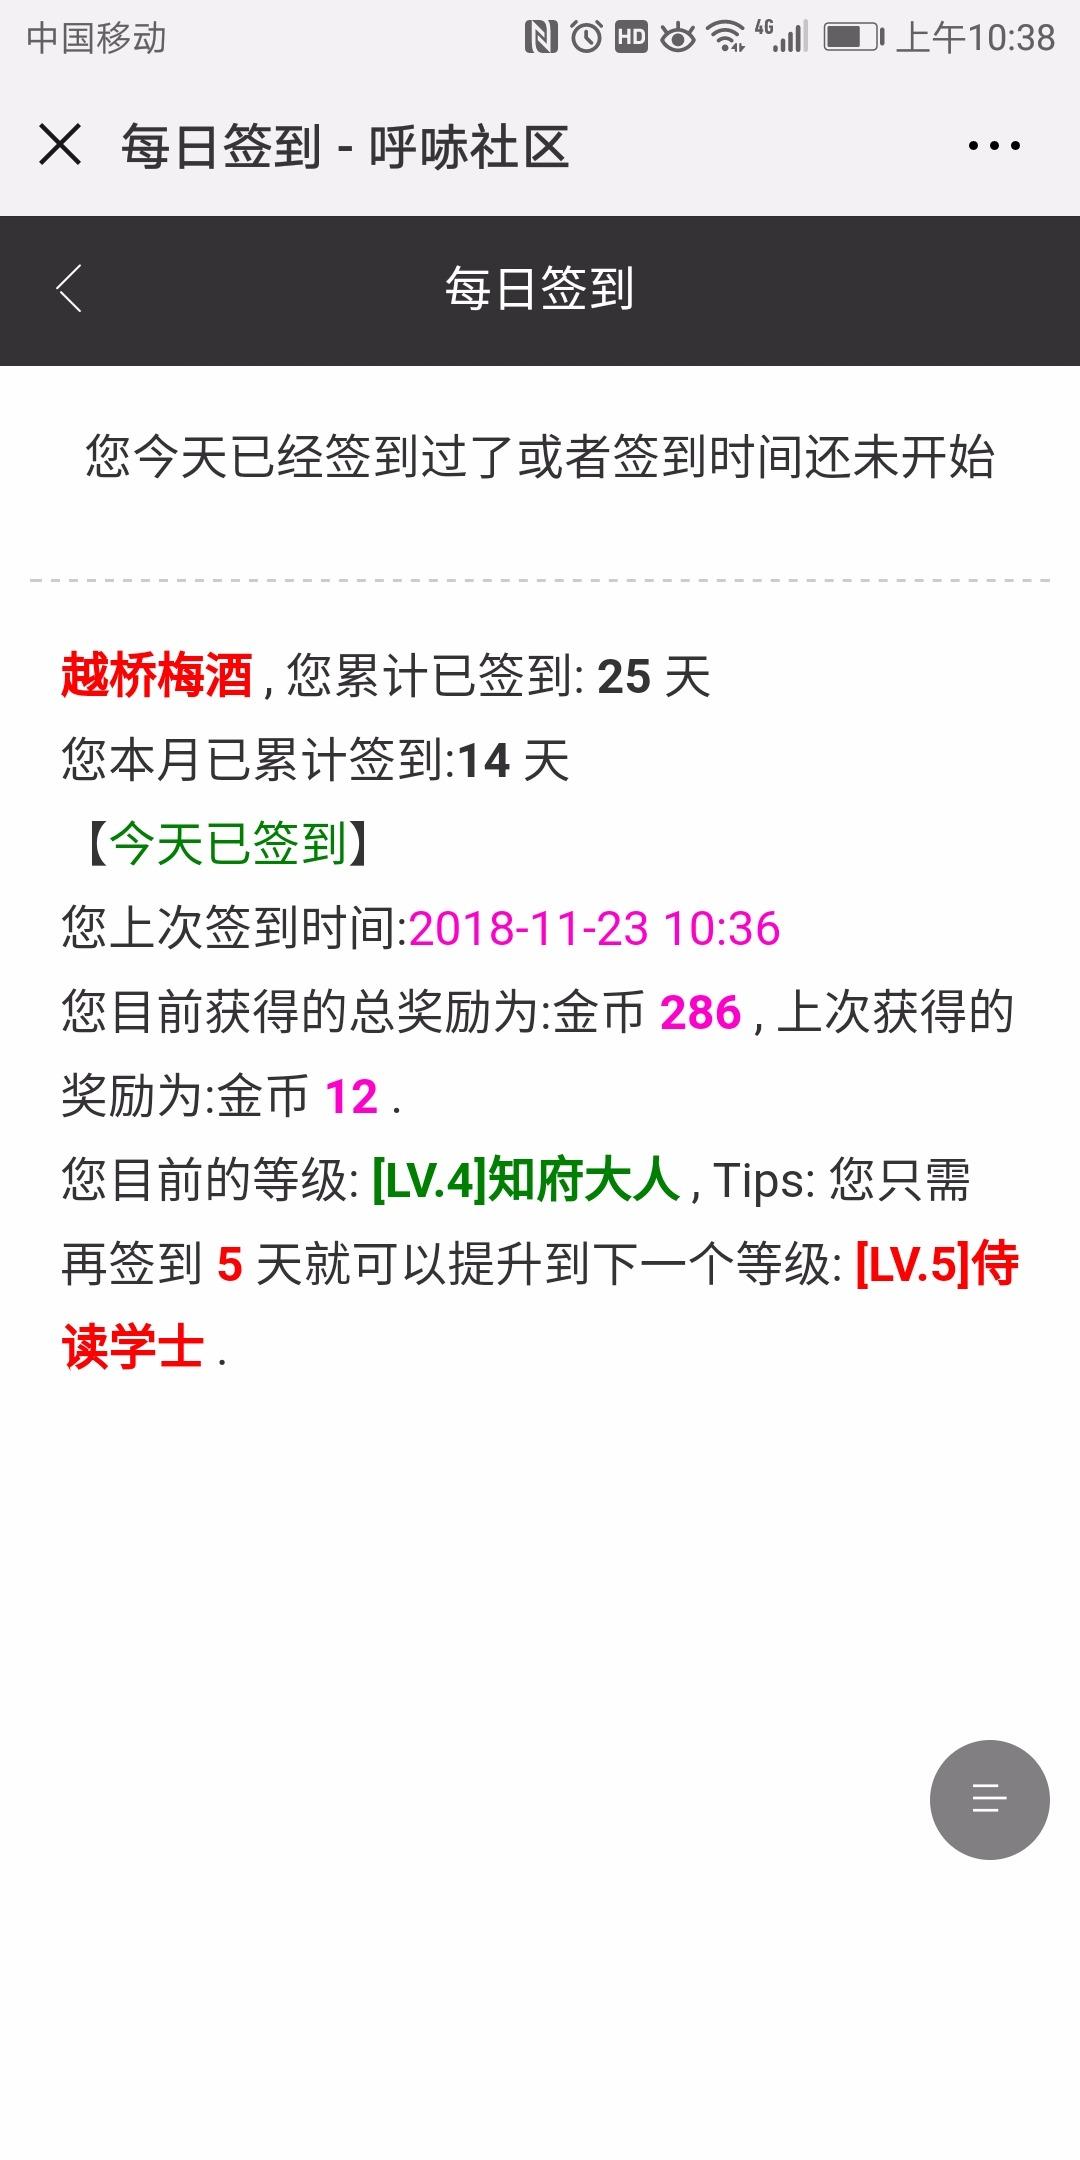 Screenshot_20181123-103815.jpg